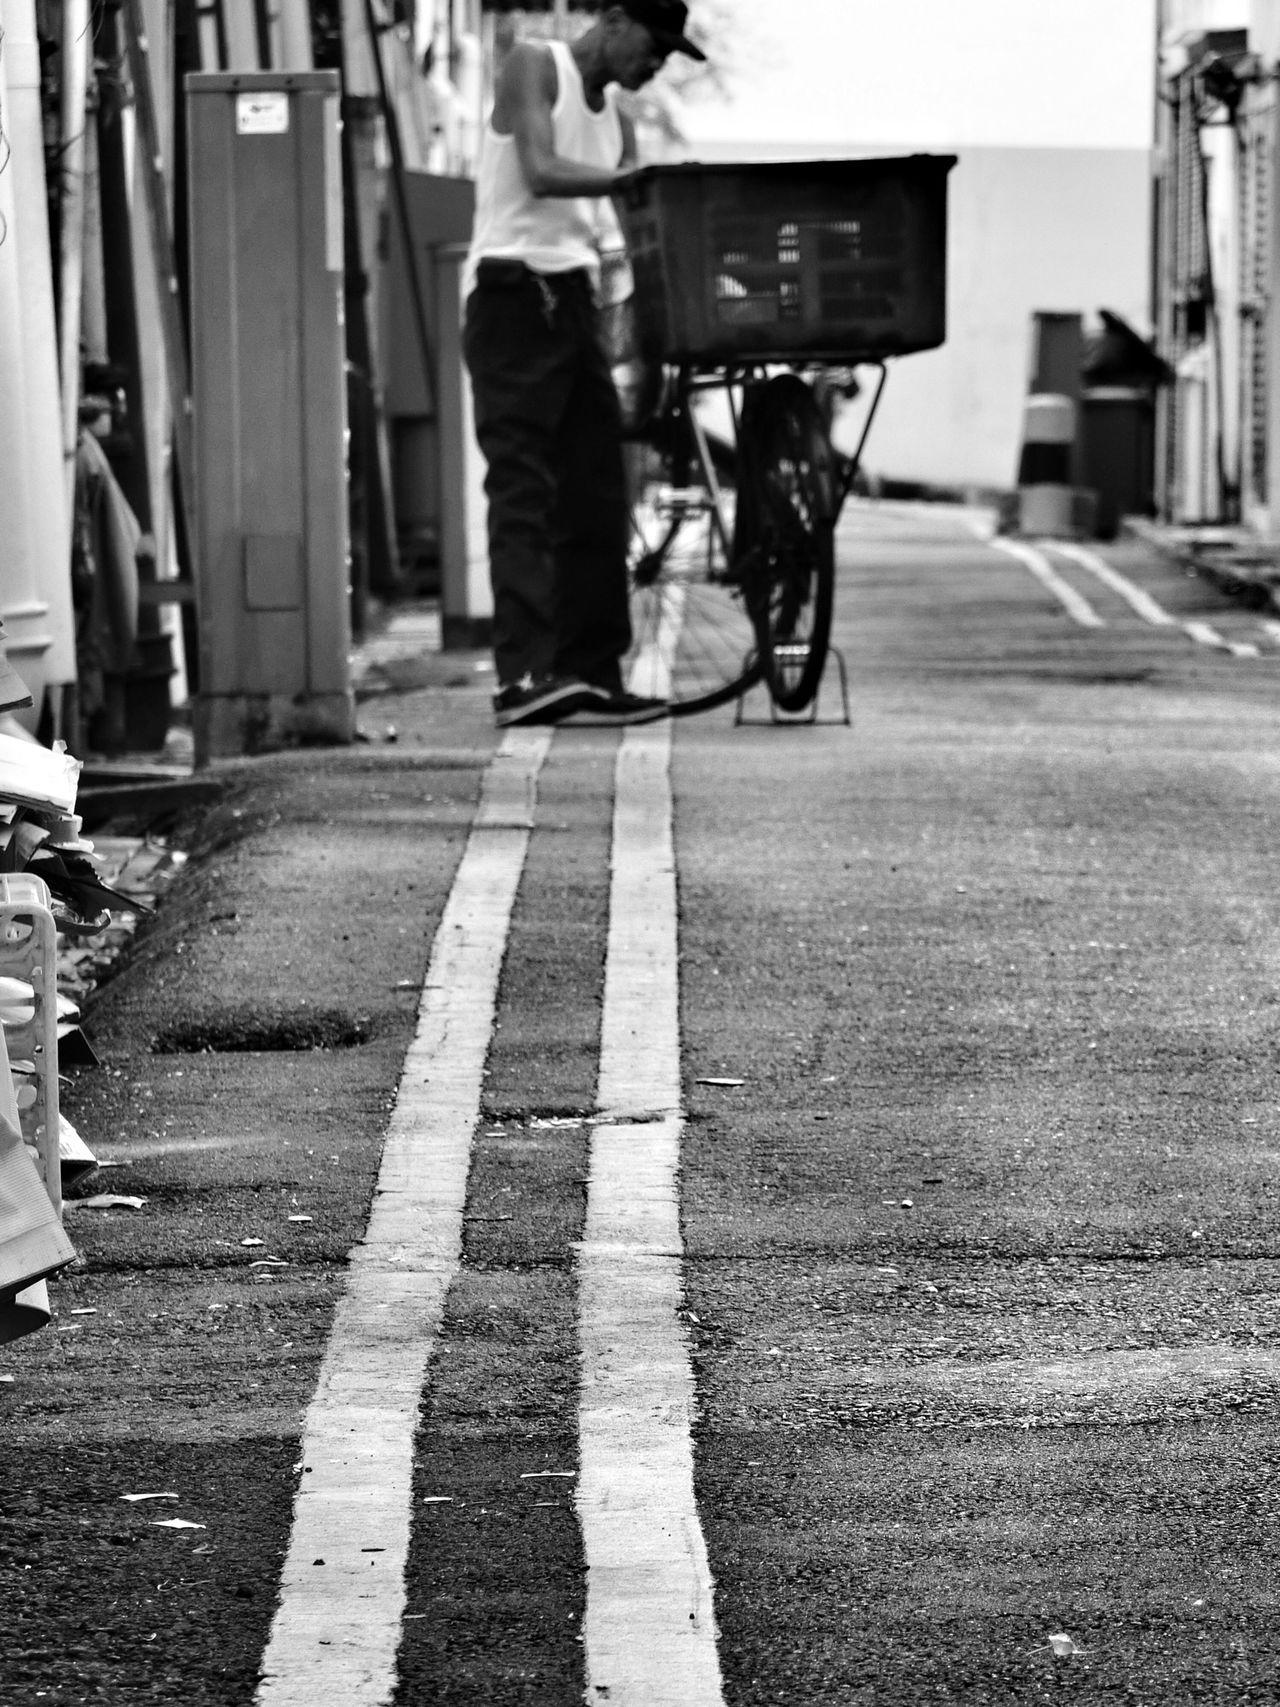 Streetphotography Street Photography Streetphoto_bw Black & White Black And White Blackandwhite Monochrome EyeEmChinatownPhotowalk